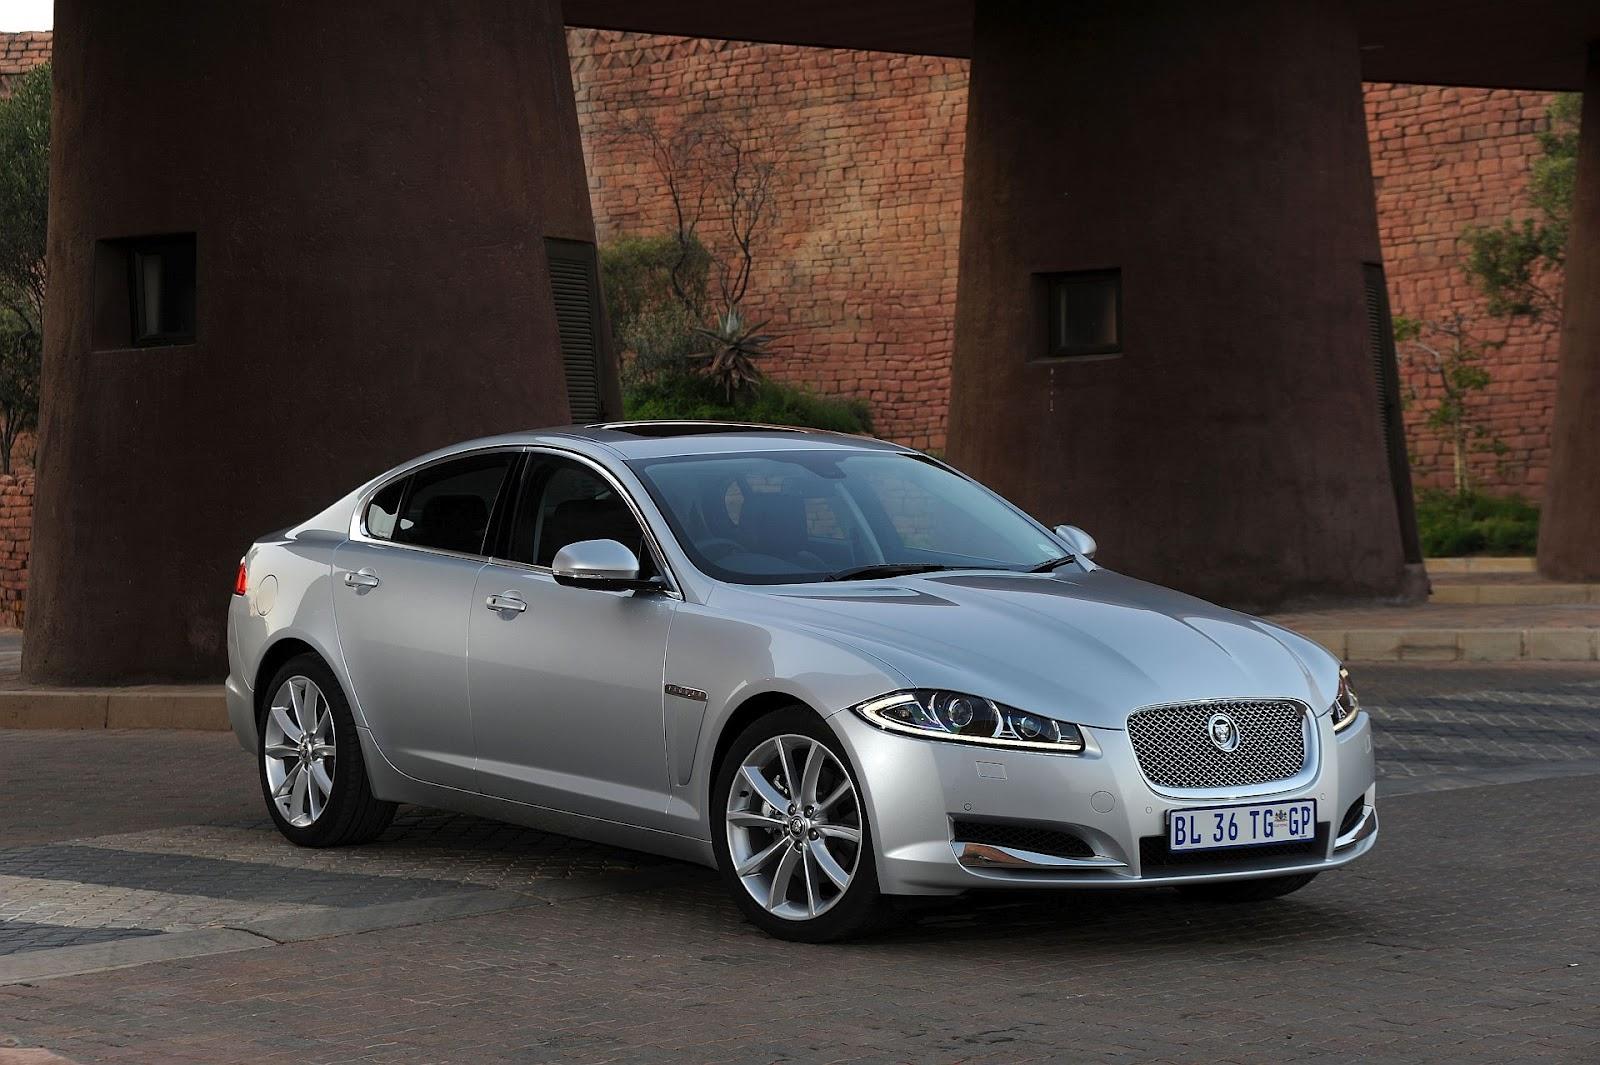 New Supercharged V6 Engine For Jaguar Xf